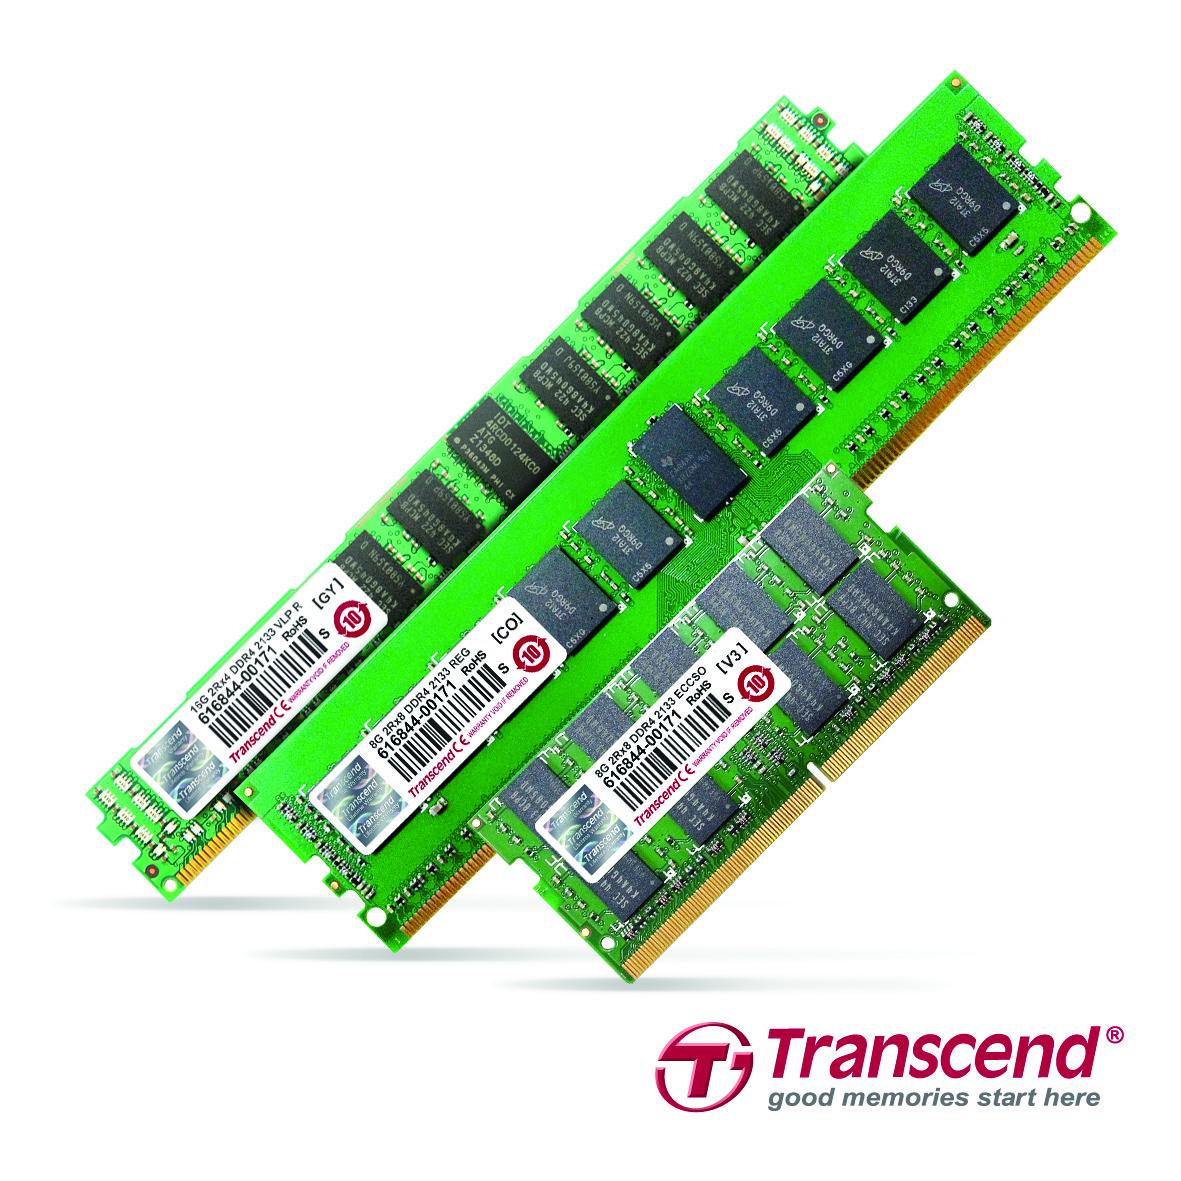 Transcend-PR-2015-02-17-DDR4